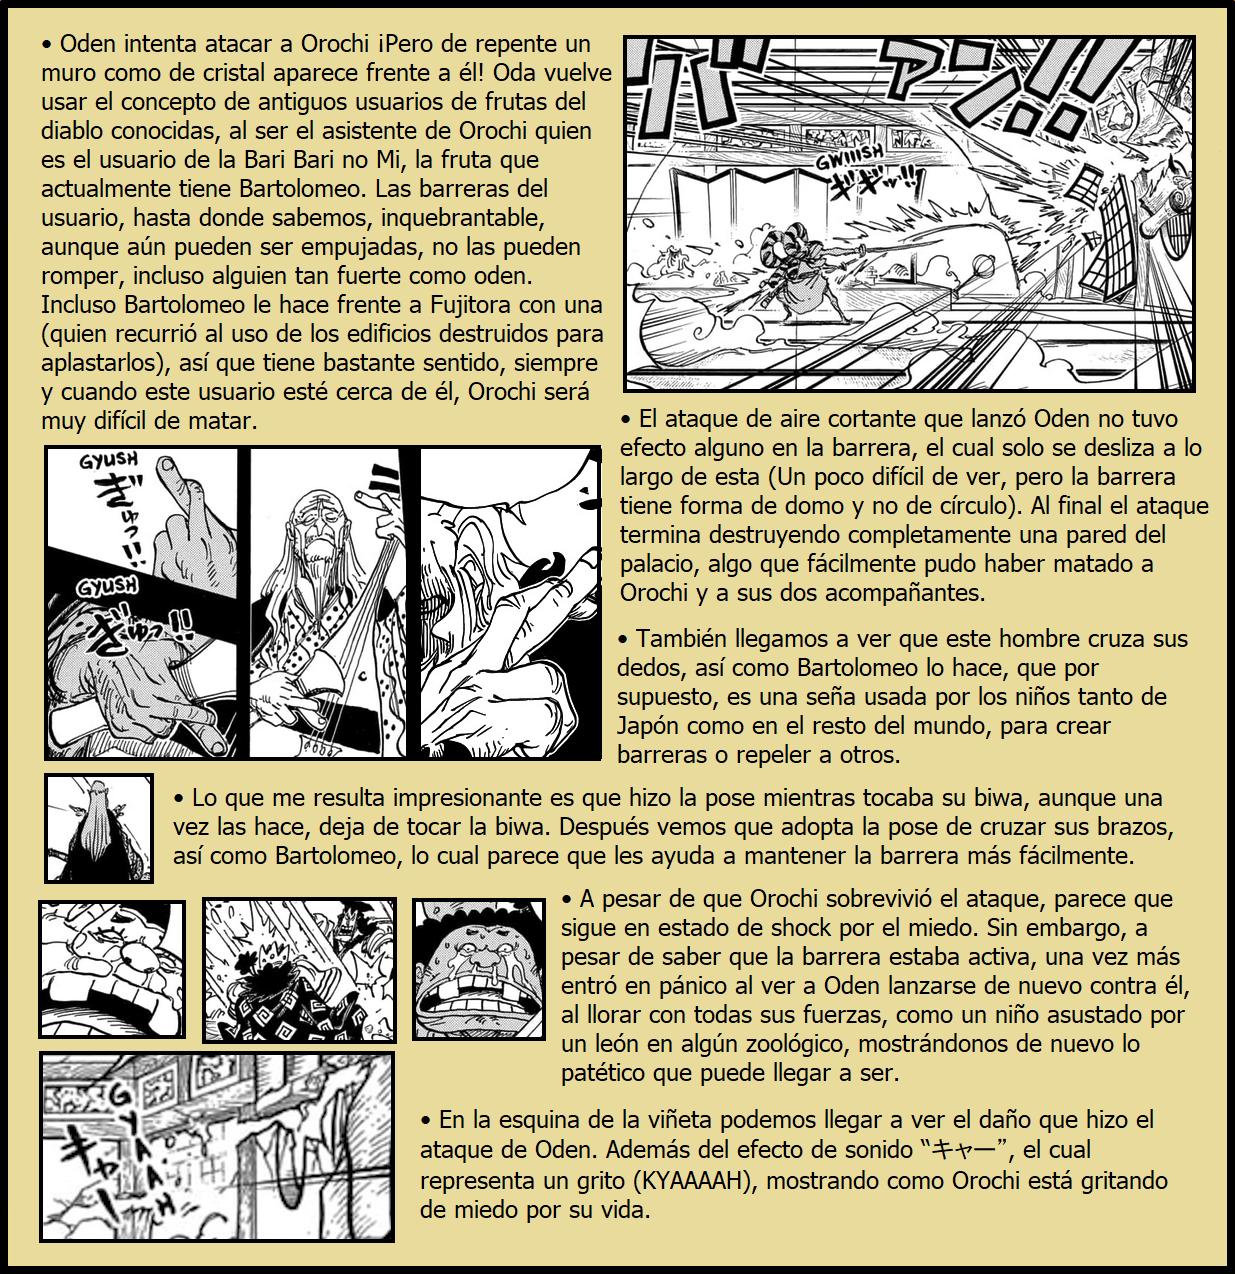 Secretos & Curiosidades - One Piece Manga 969 02